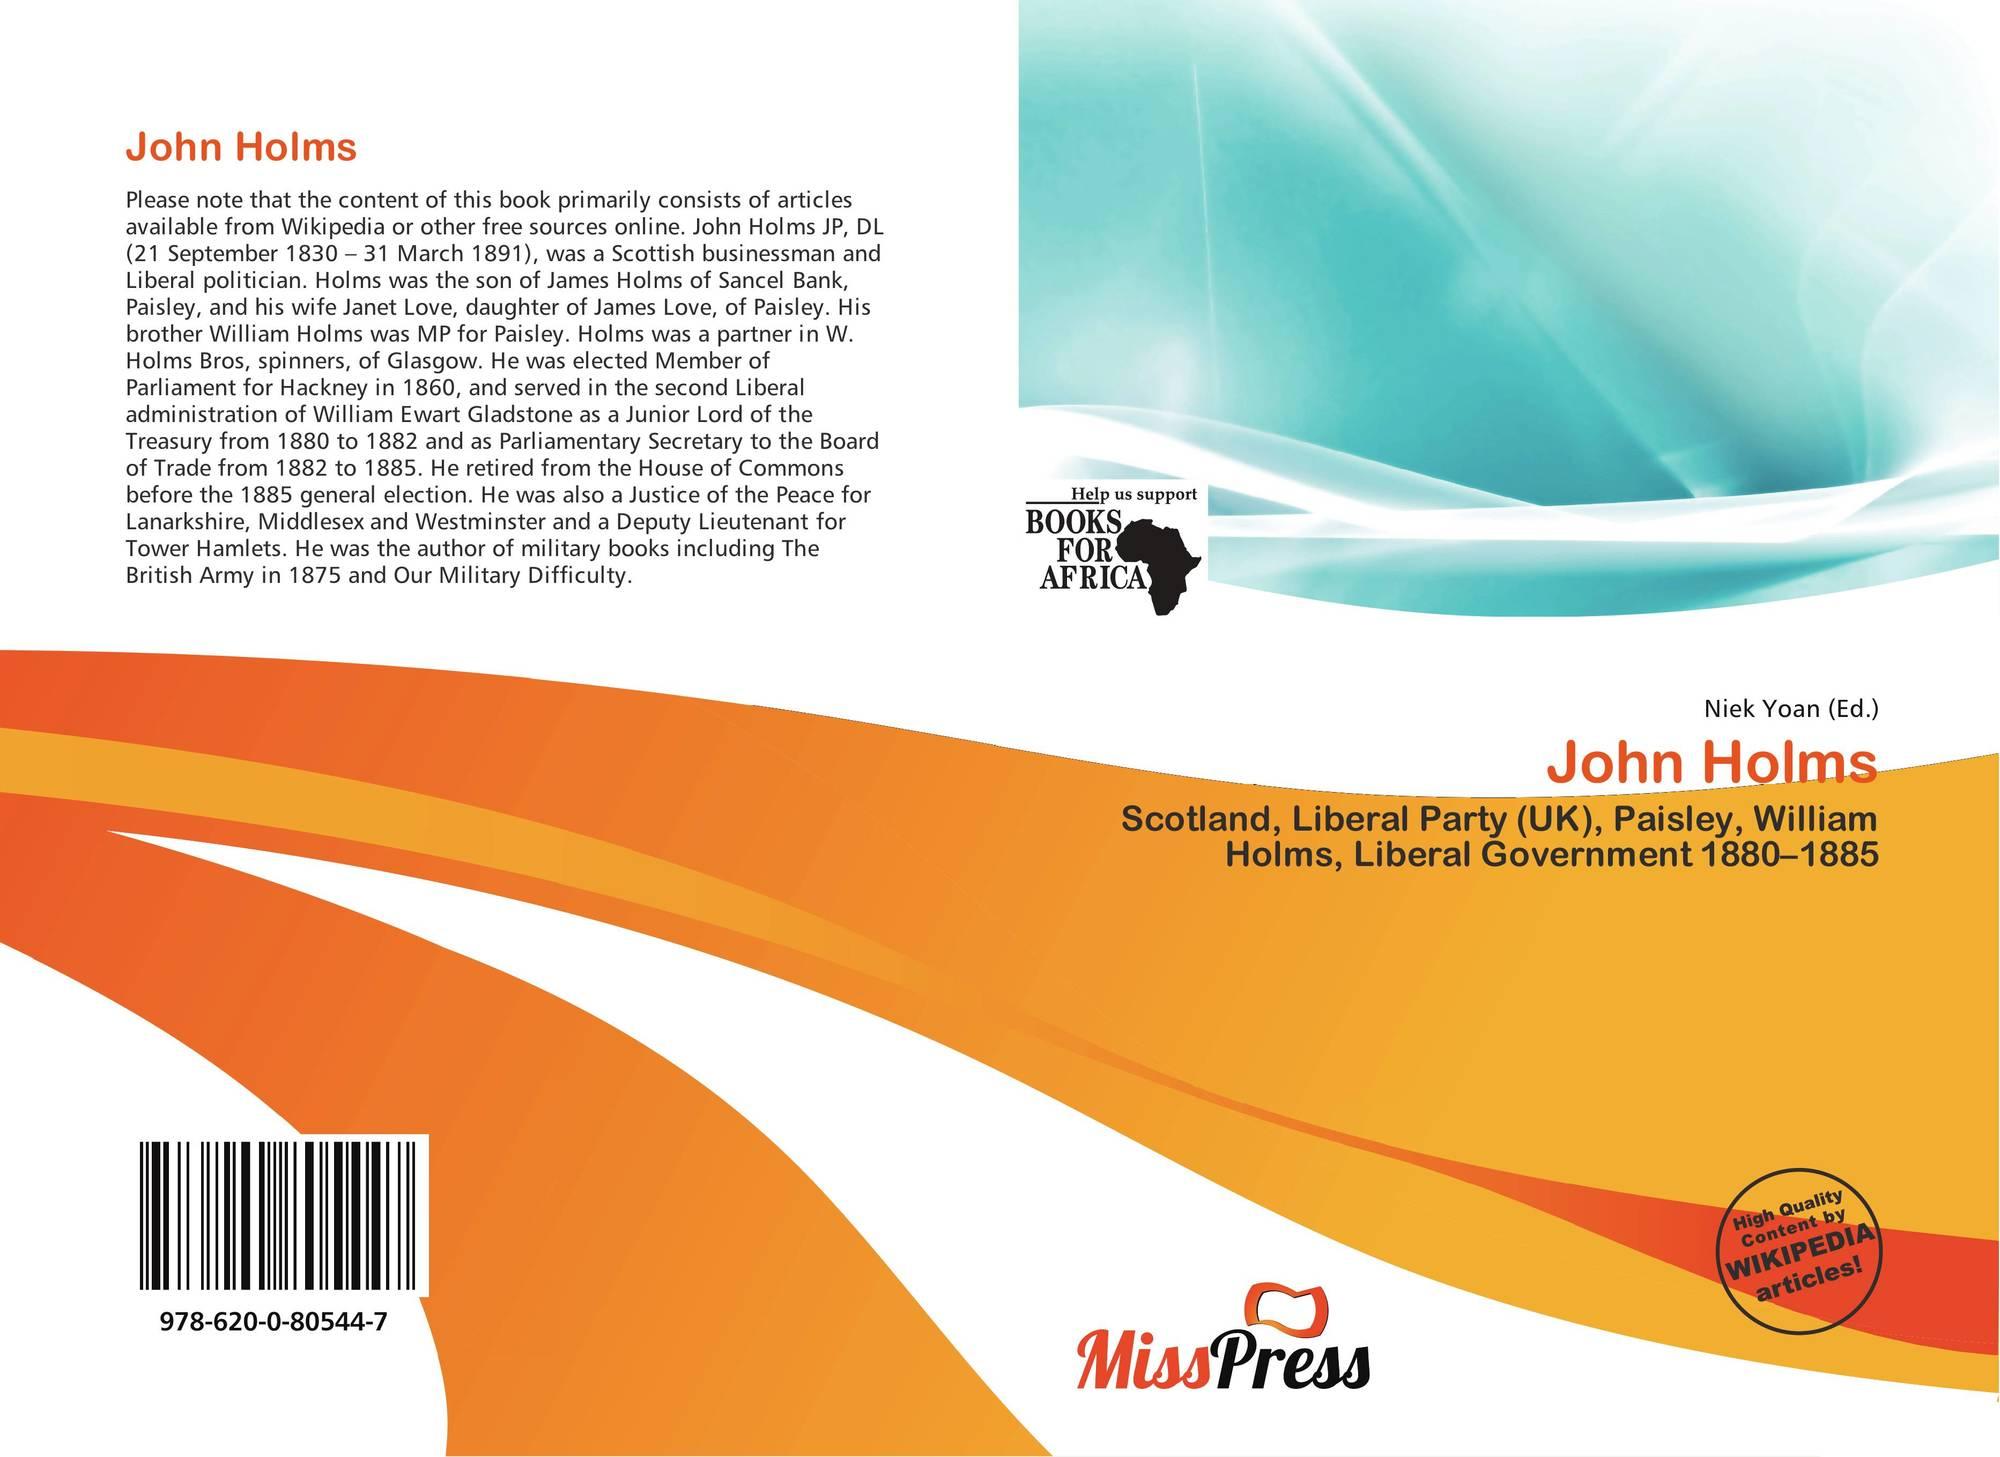 John holms